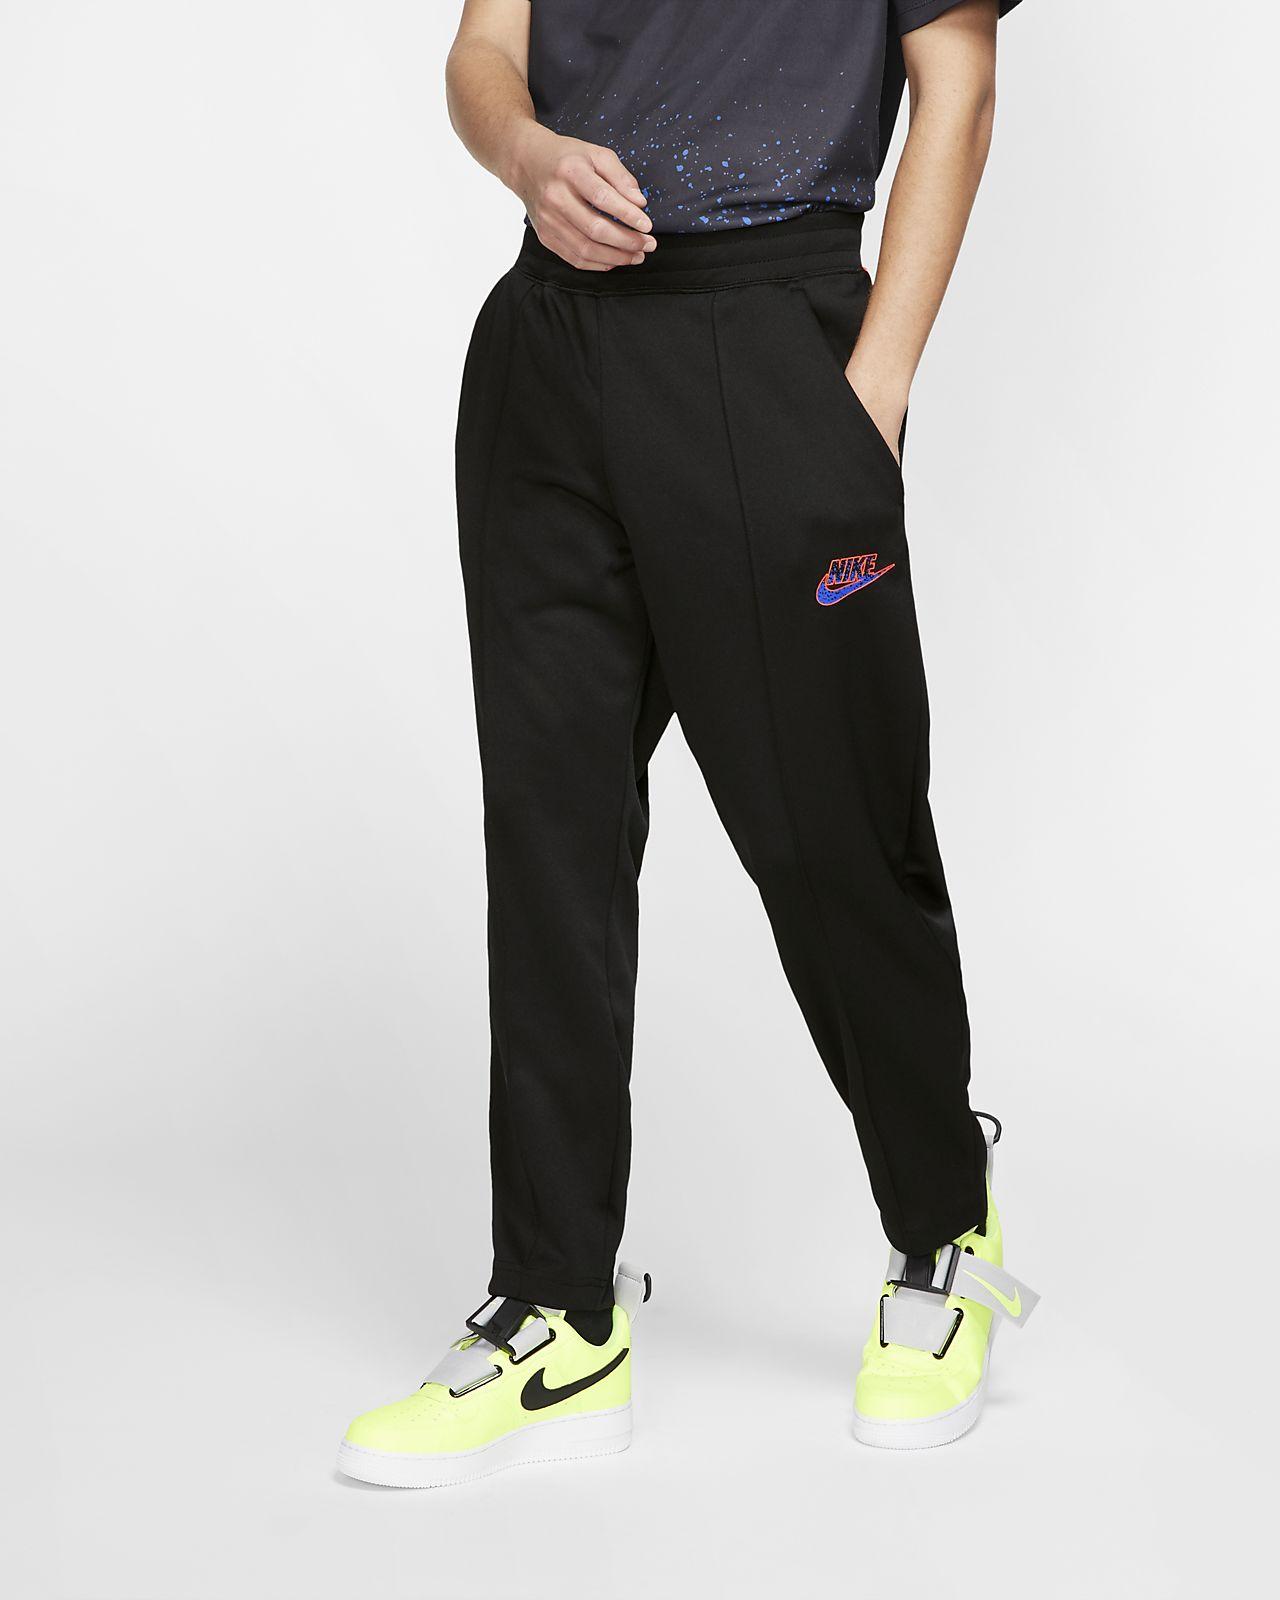 Pantalon Sportswear Sportswear Pour Nike Pour Pantalon Nike Homme lK1TFJc